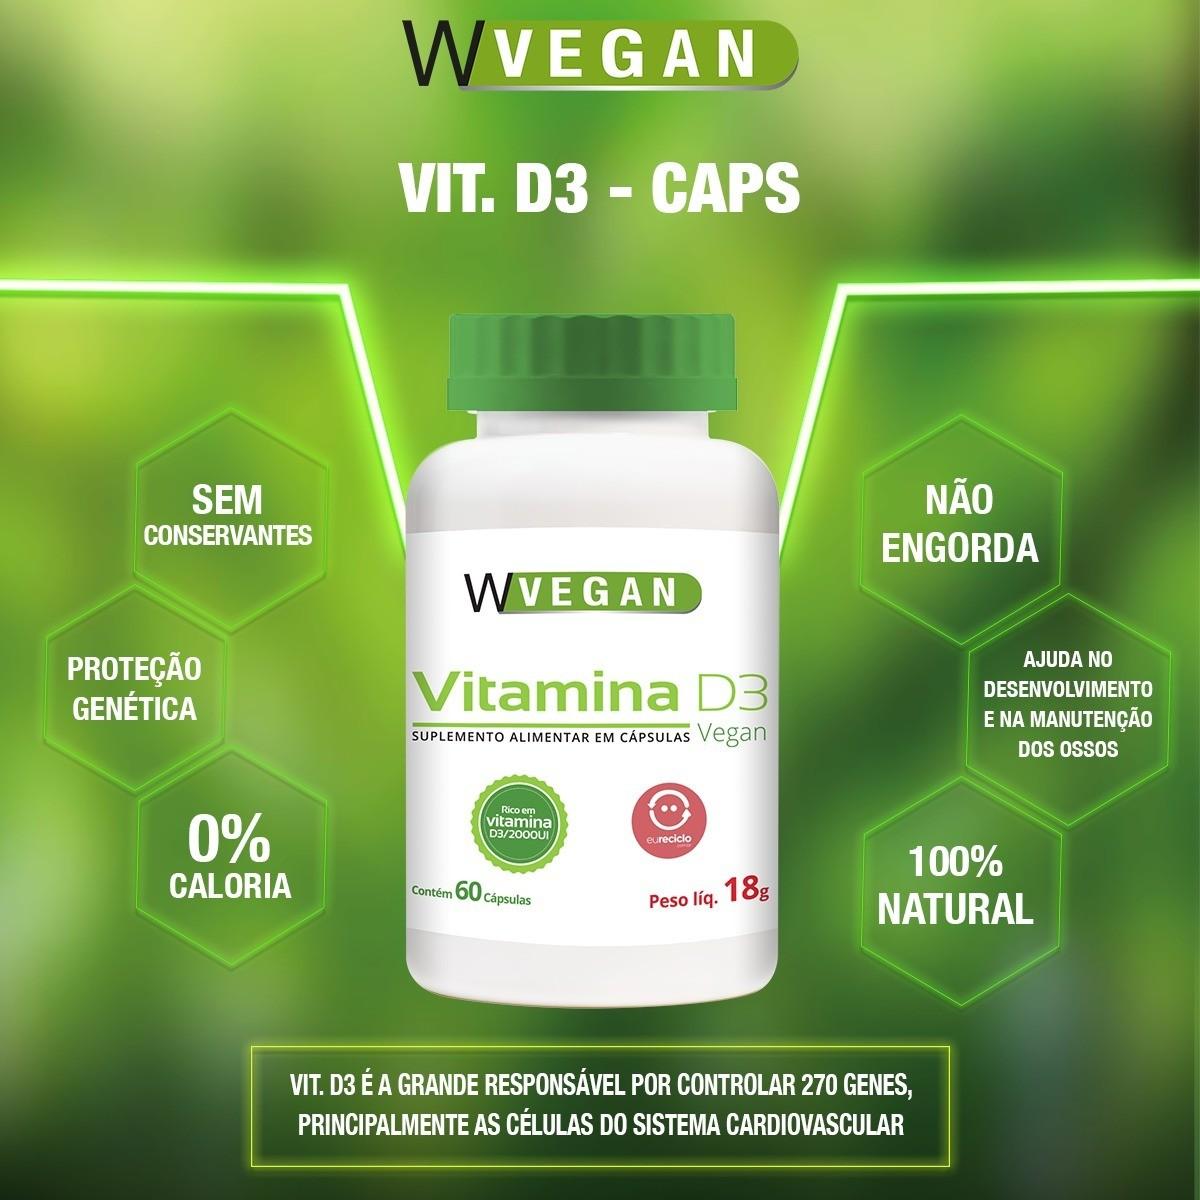 Vitamina D3 5mcg 200 UI 60 capsulas WVegan